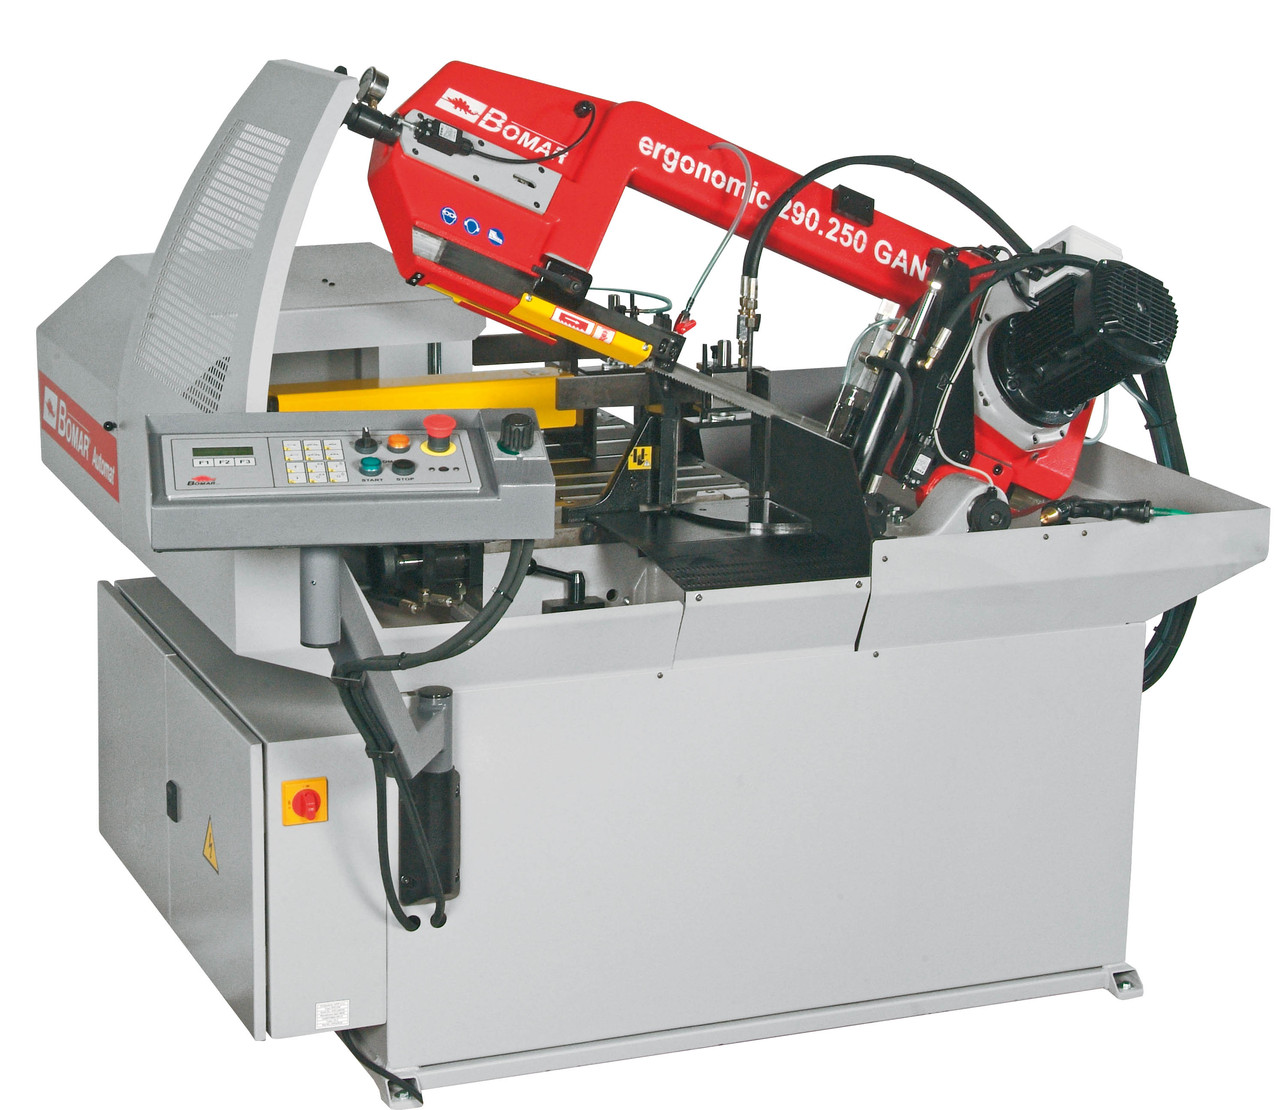 Ленточнопильный станок автоматический Bomar Ergonomic 290.250 GAE